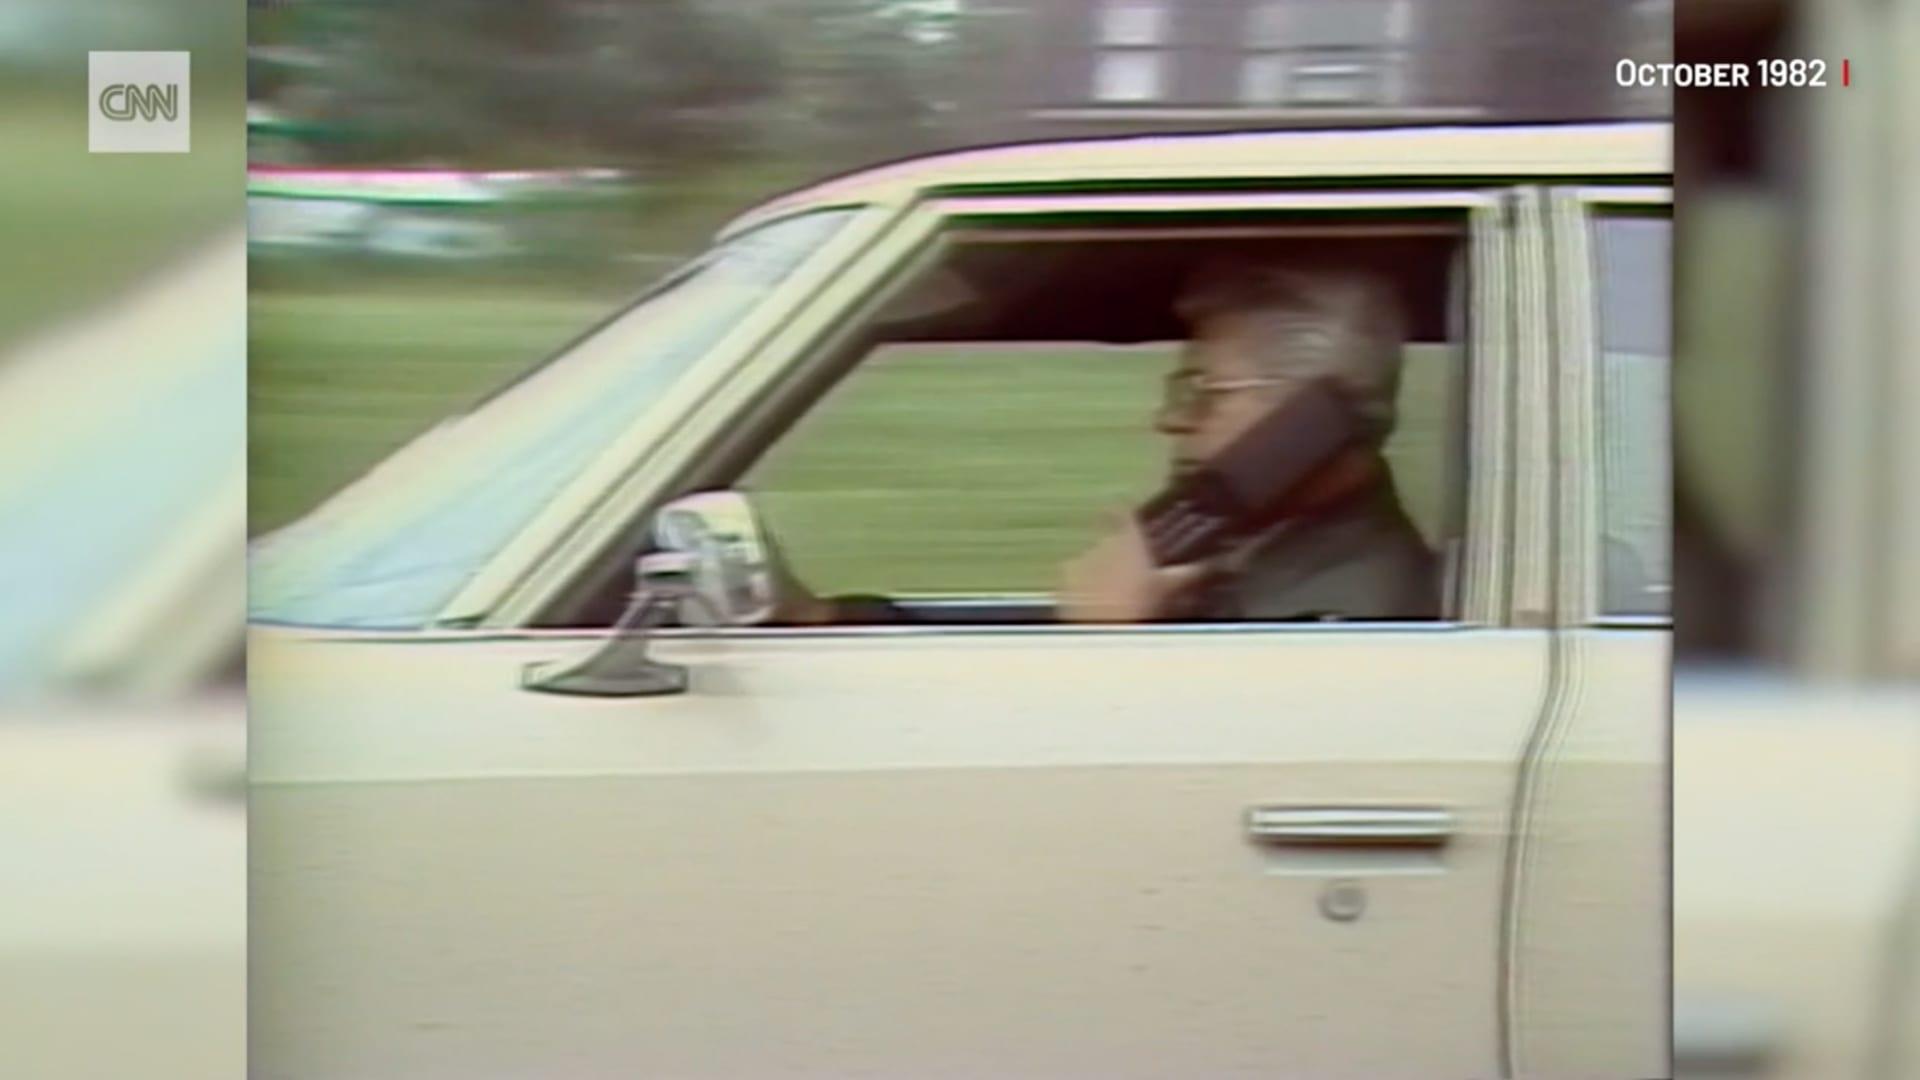 شاهد كيف قامت CNN بتغطية أخبار نشوء الهواتف المحمولة في عام 1982